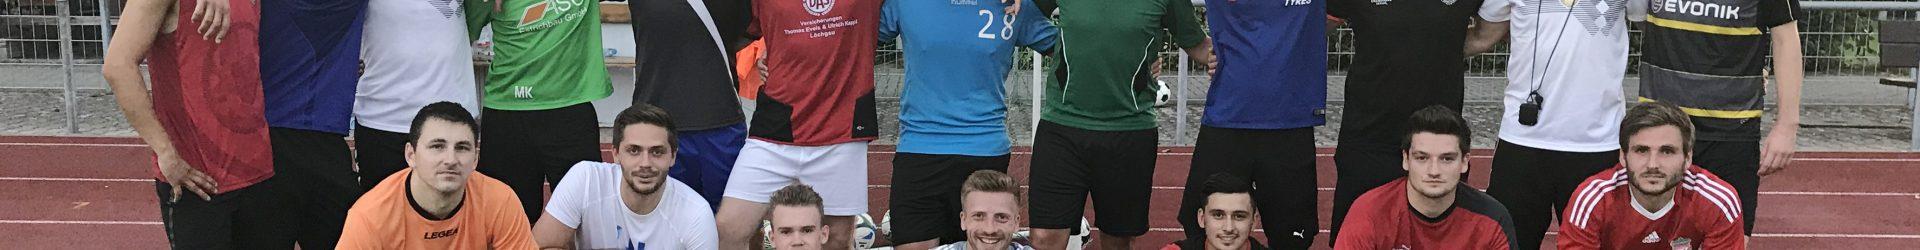 Zwei Vorbereitungsspiele für VfL-Fußballer